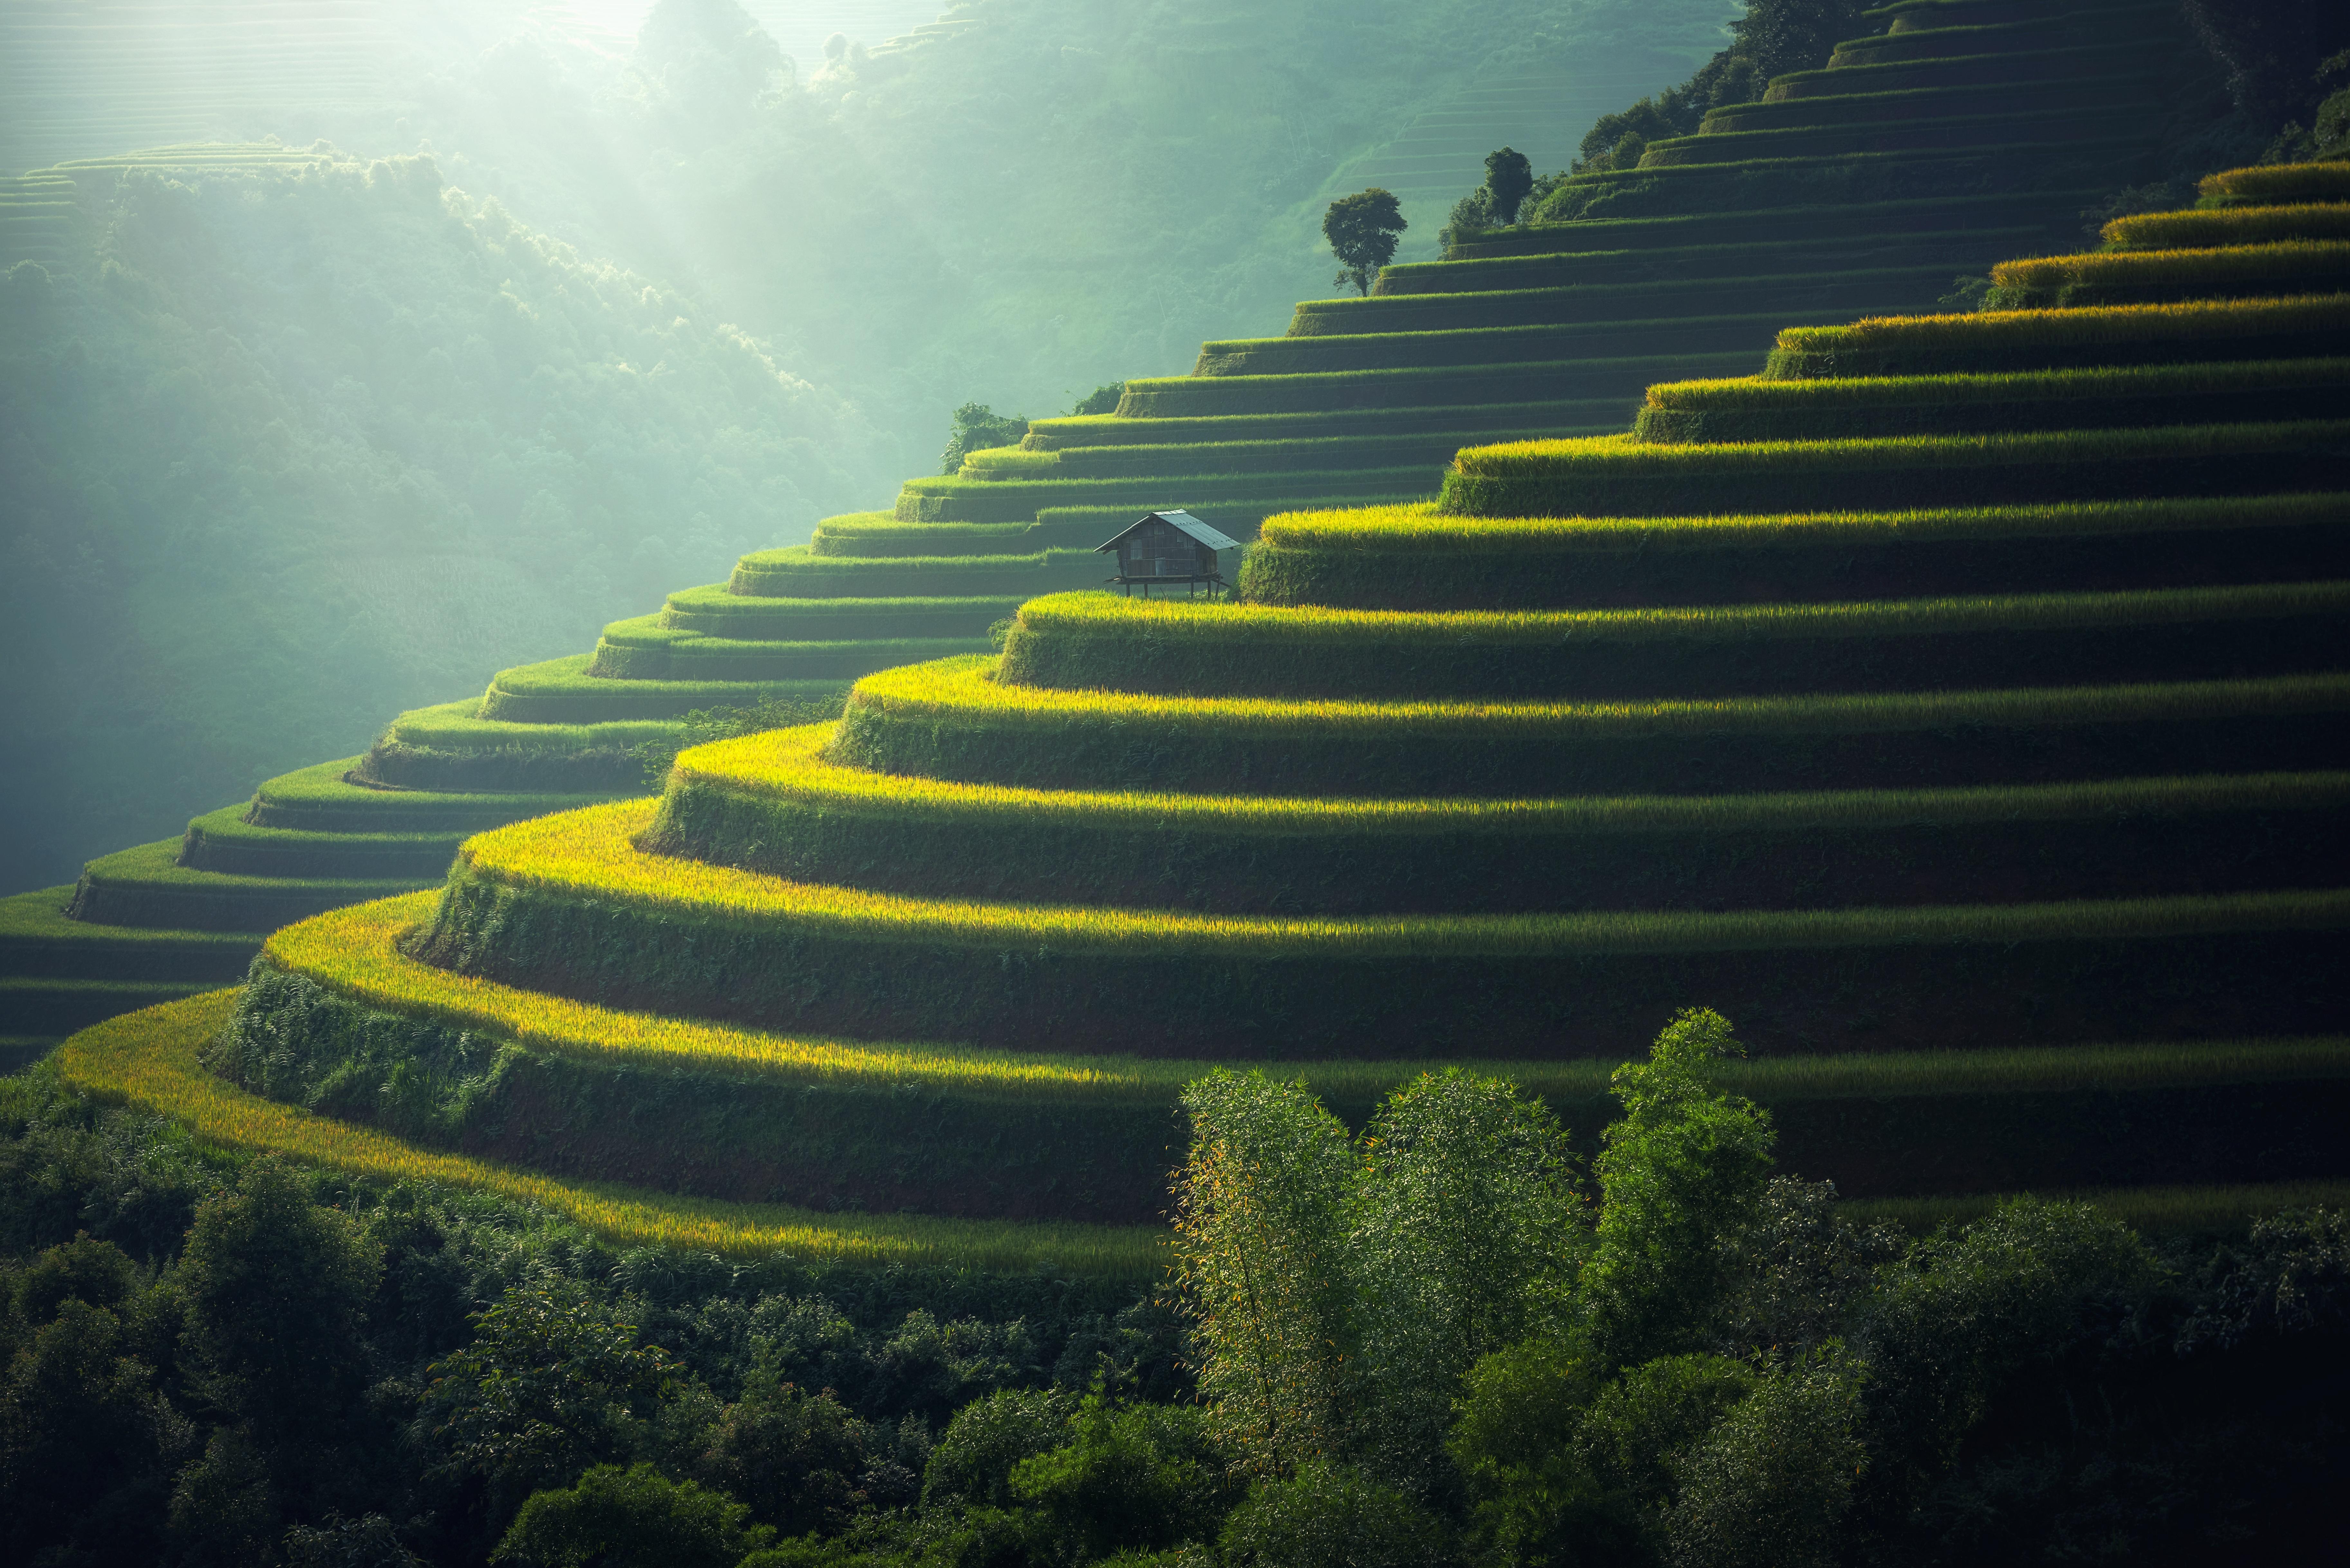 Das indonesische Urlaubsparadies Bali will eine neue Touristensteuer einführen. Ausländische Besucher sollen künftig 10 US-Dollar bezahlen.